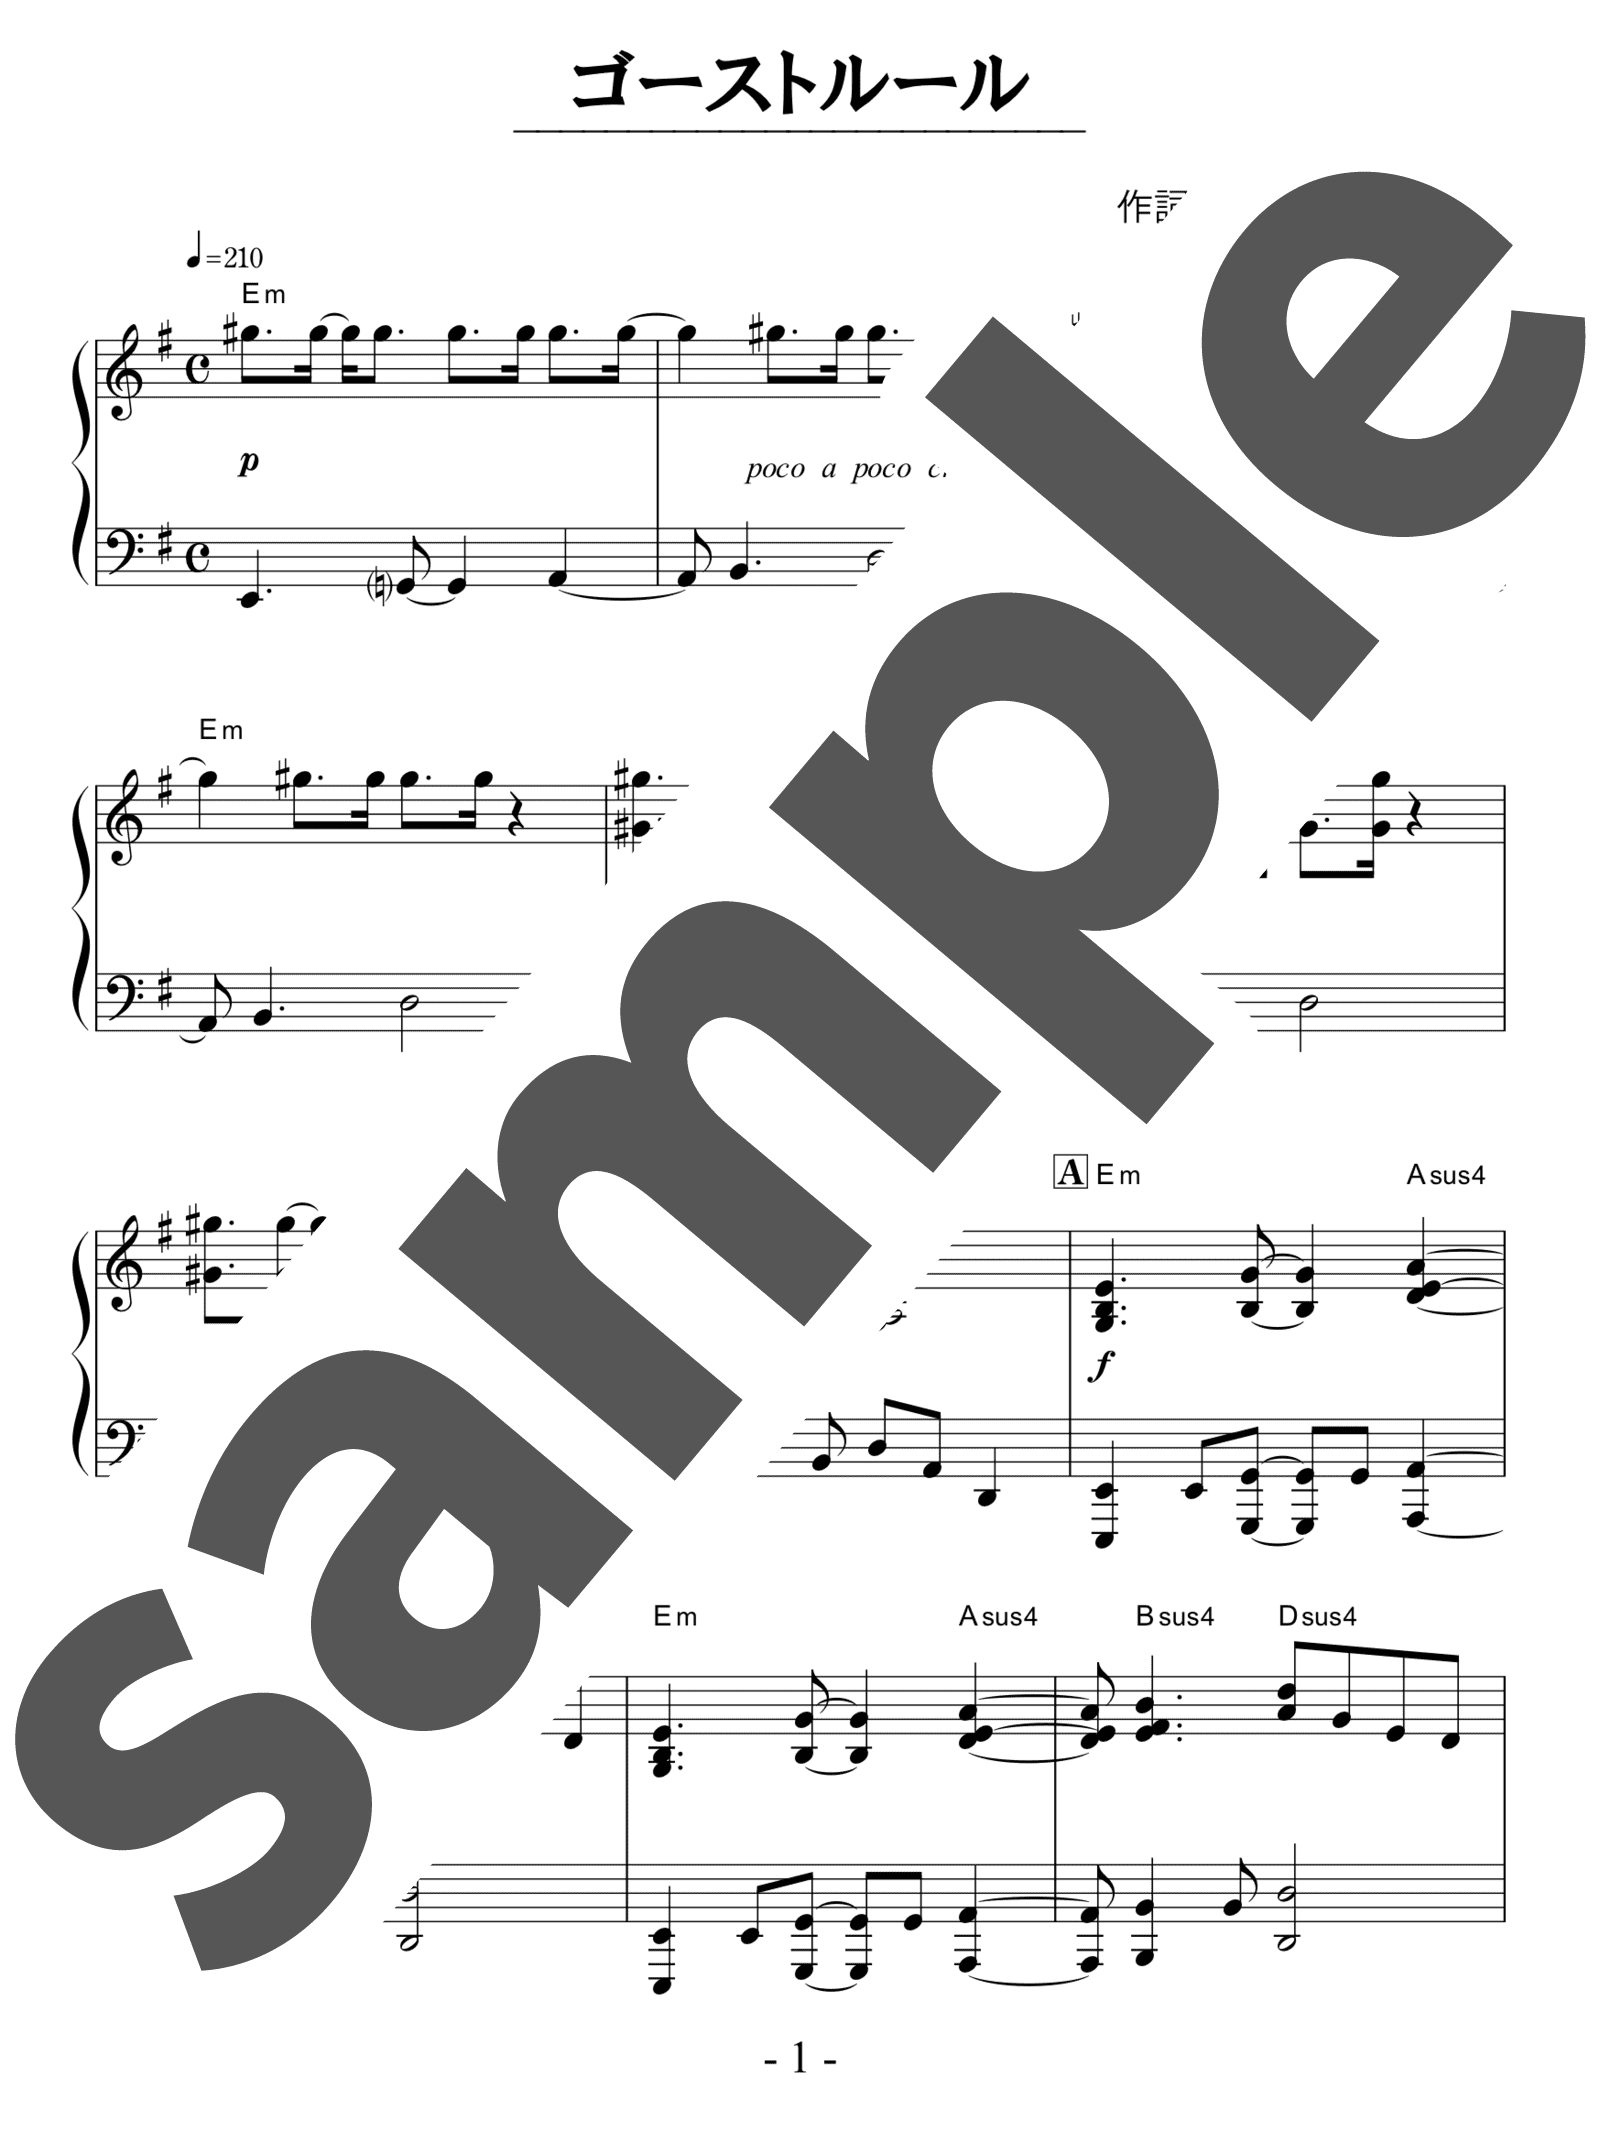 「ゴーストルール」のサンプル楽譜